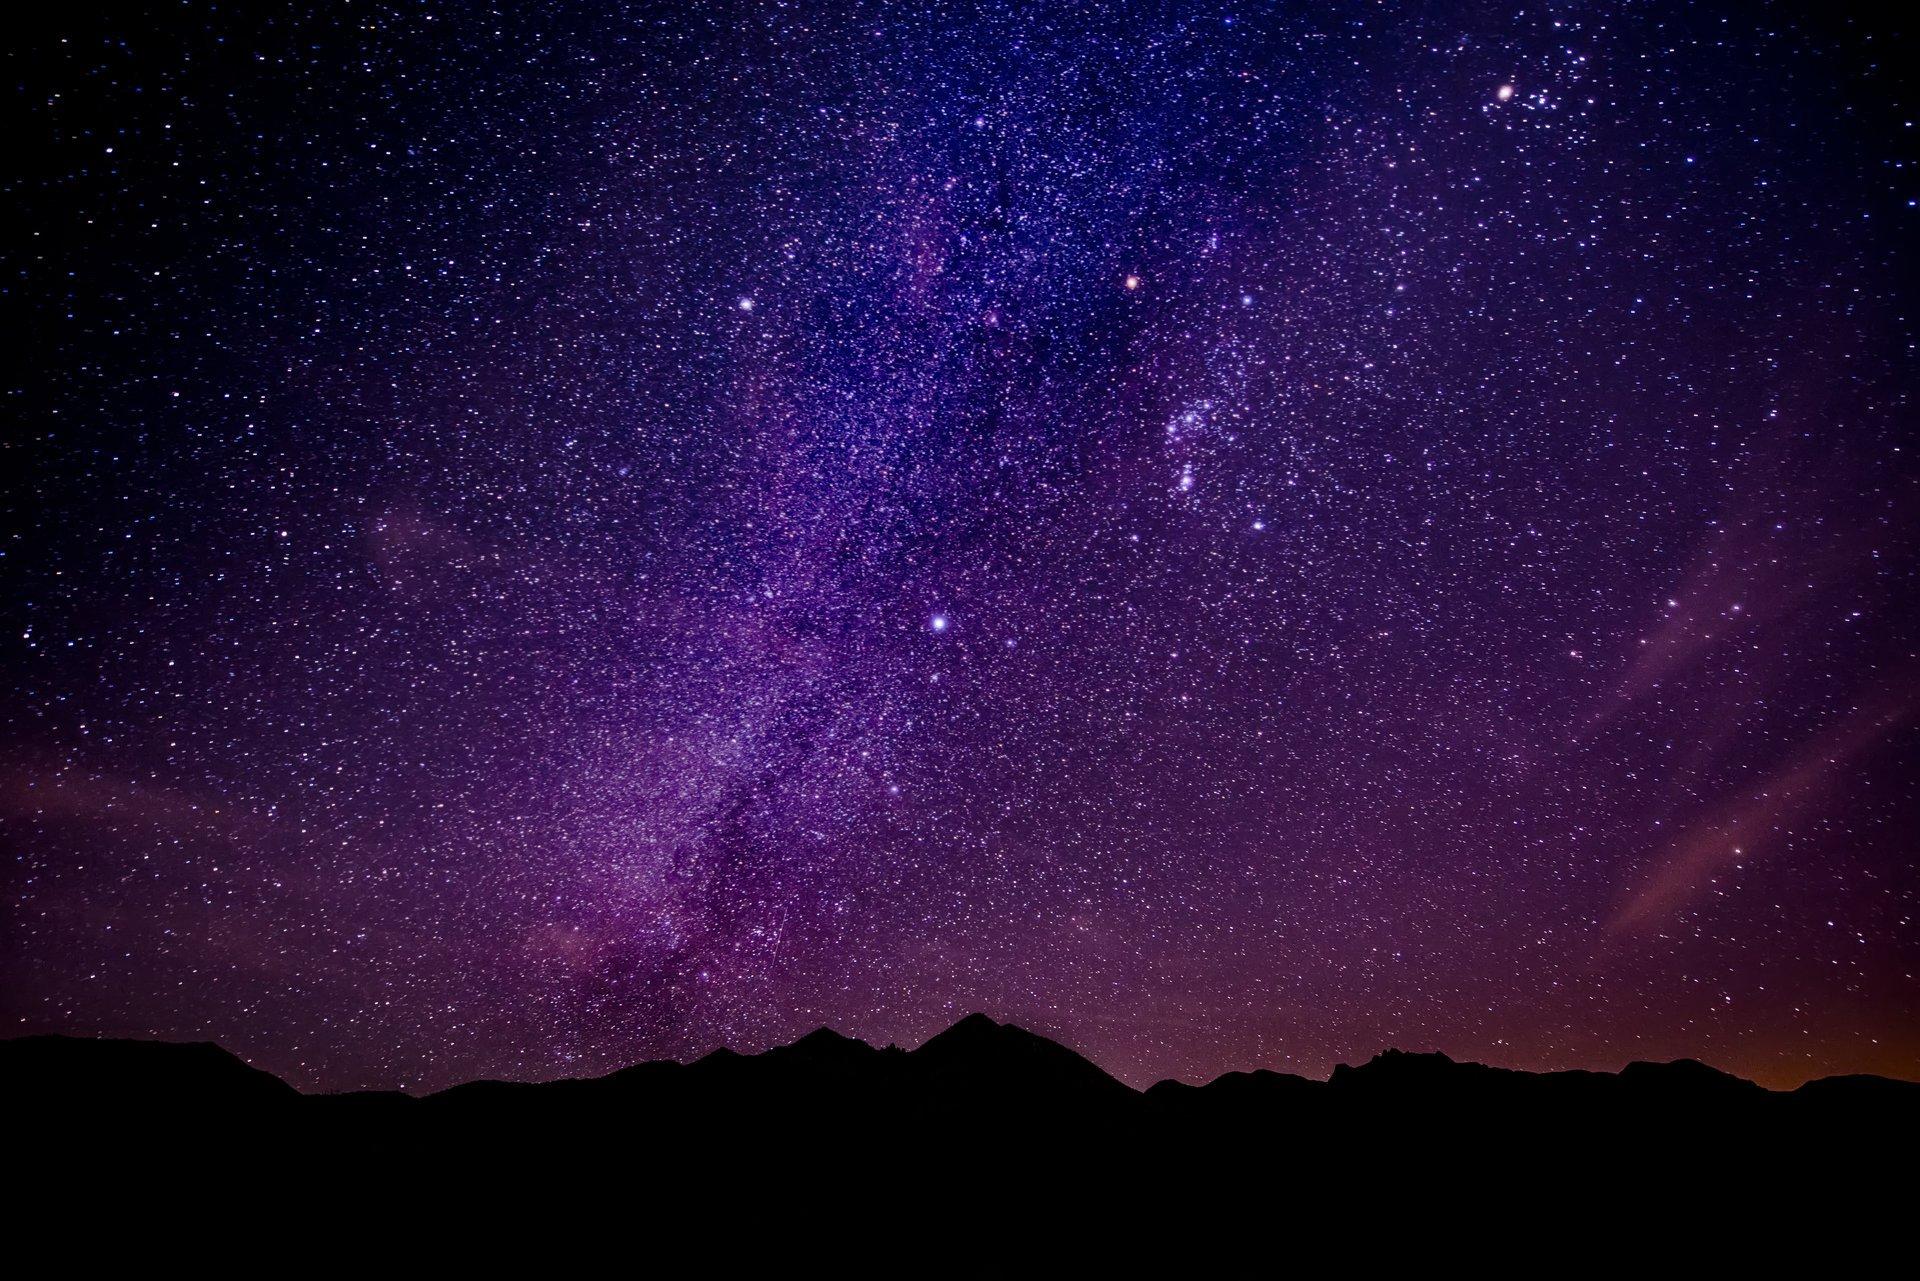 небо звезды фото для рабочего стола аналогичной